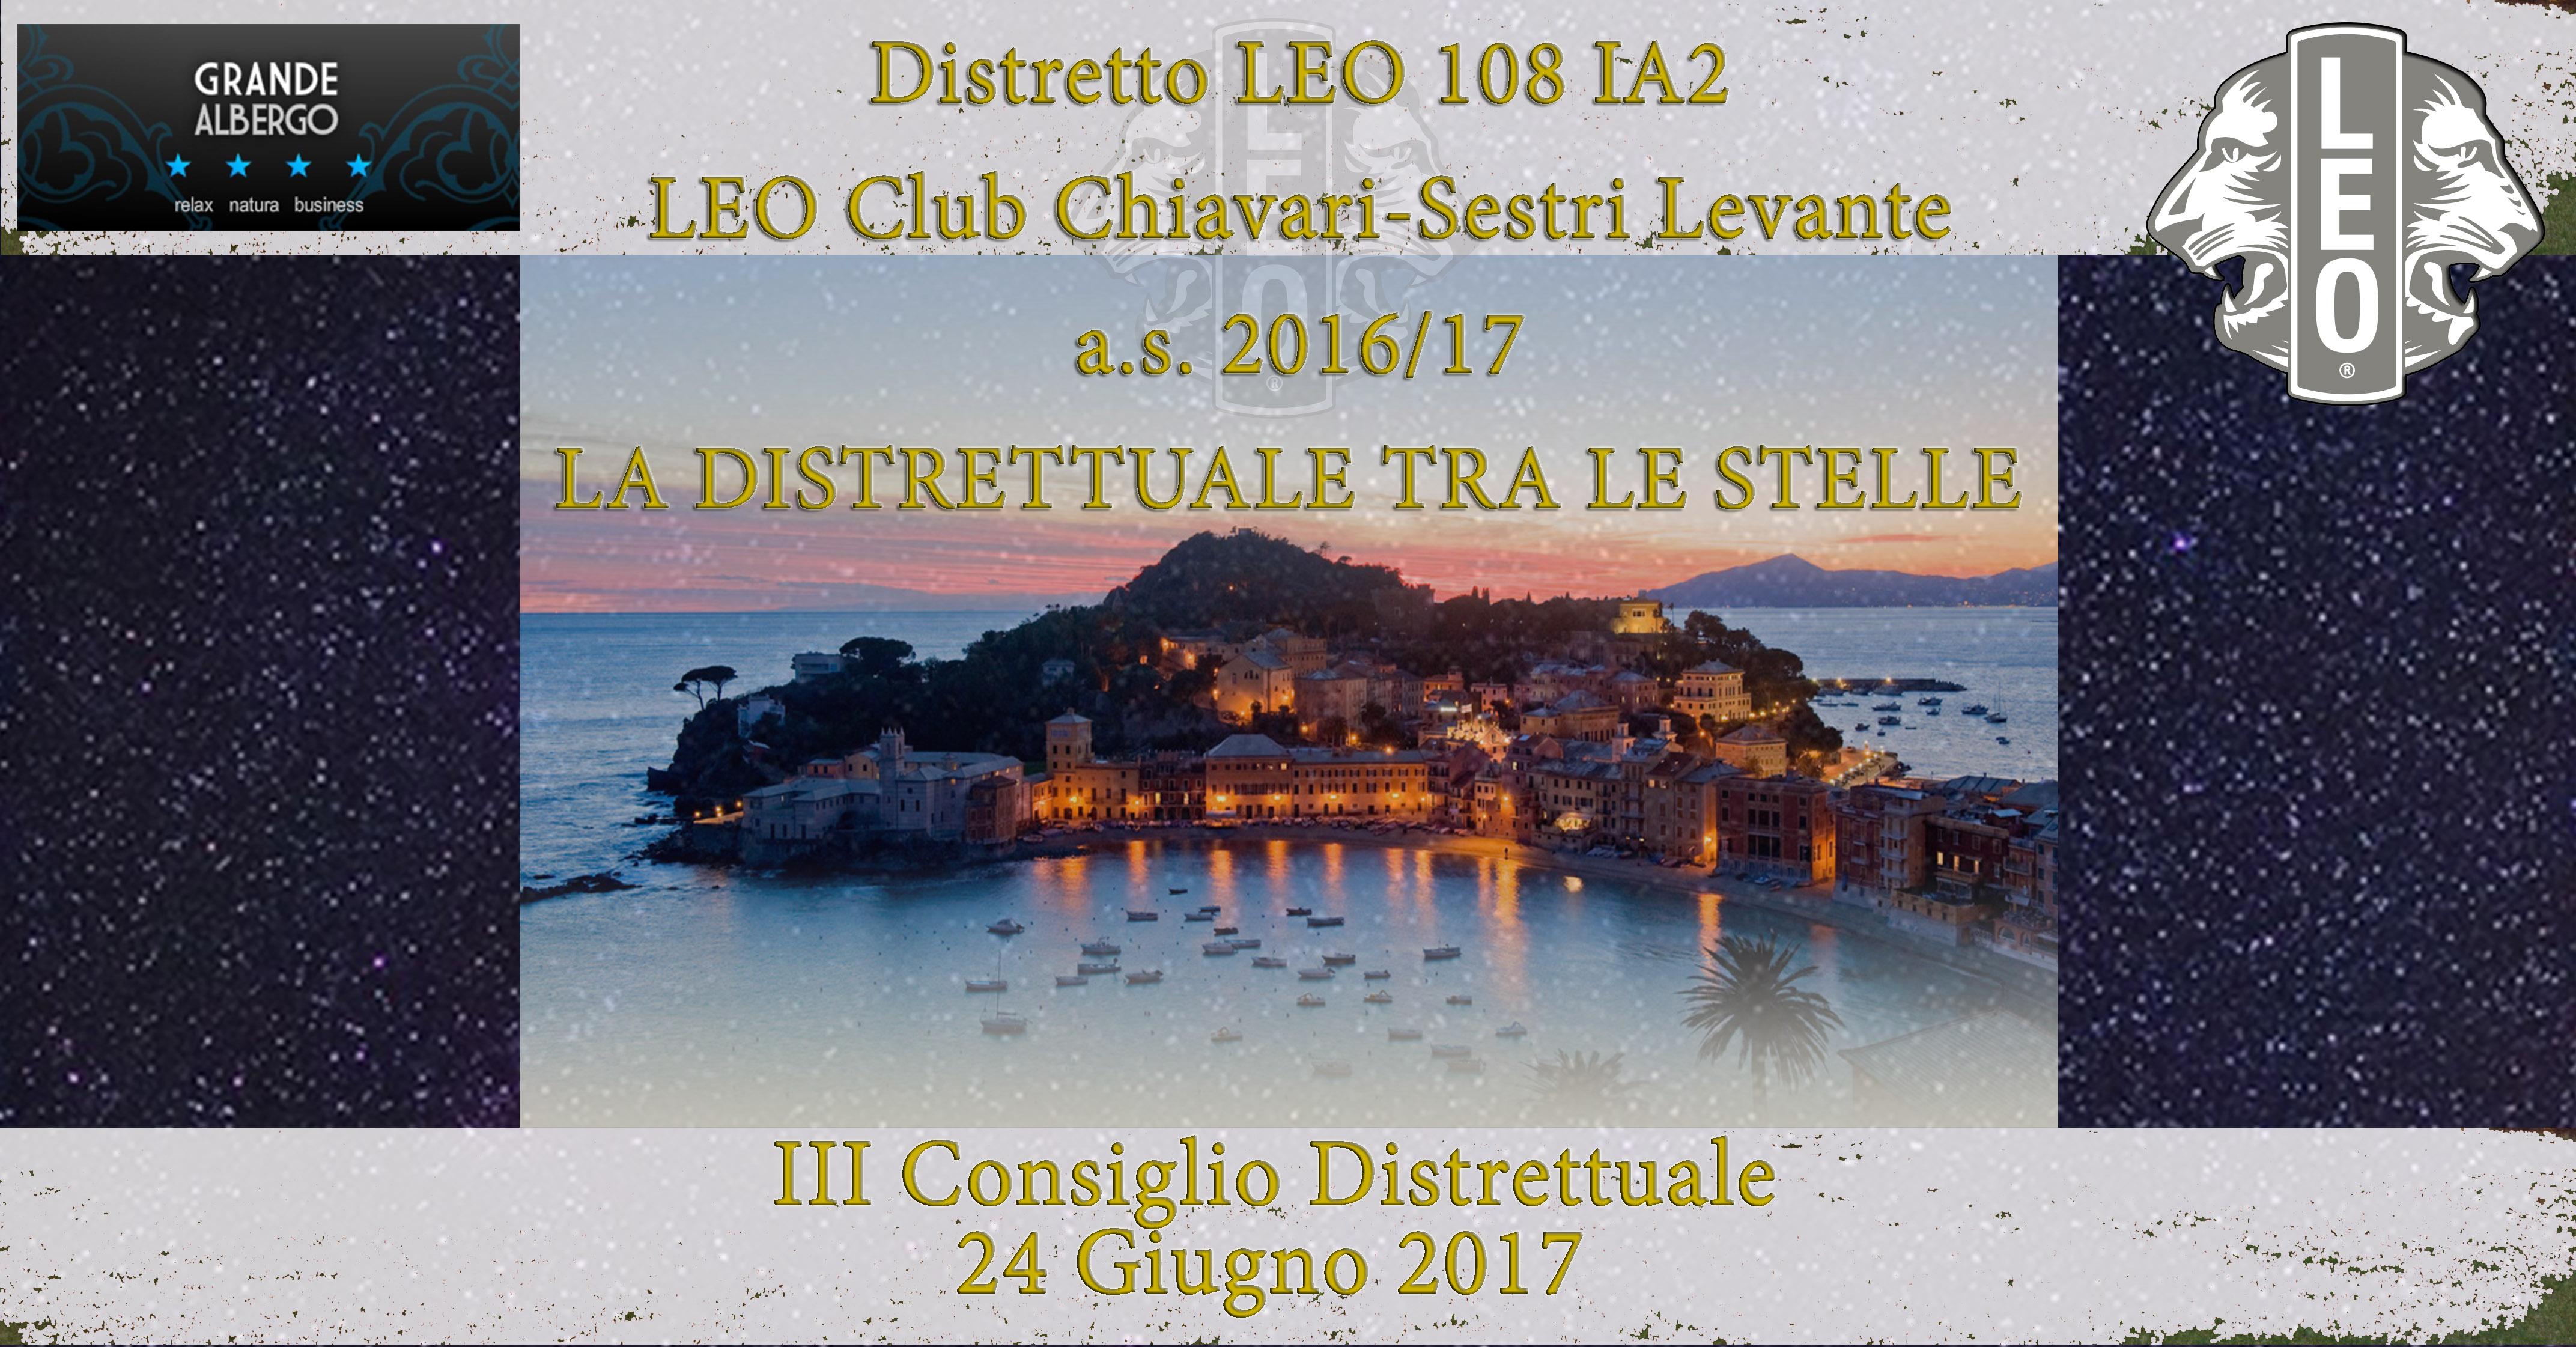 III Consiglio Distretto LEO 108 IA2